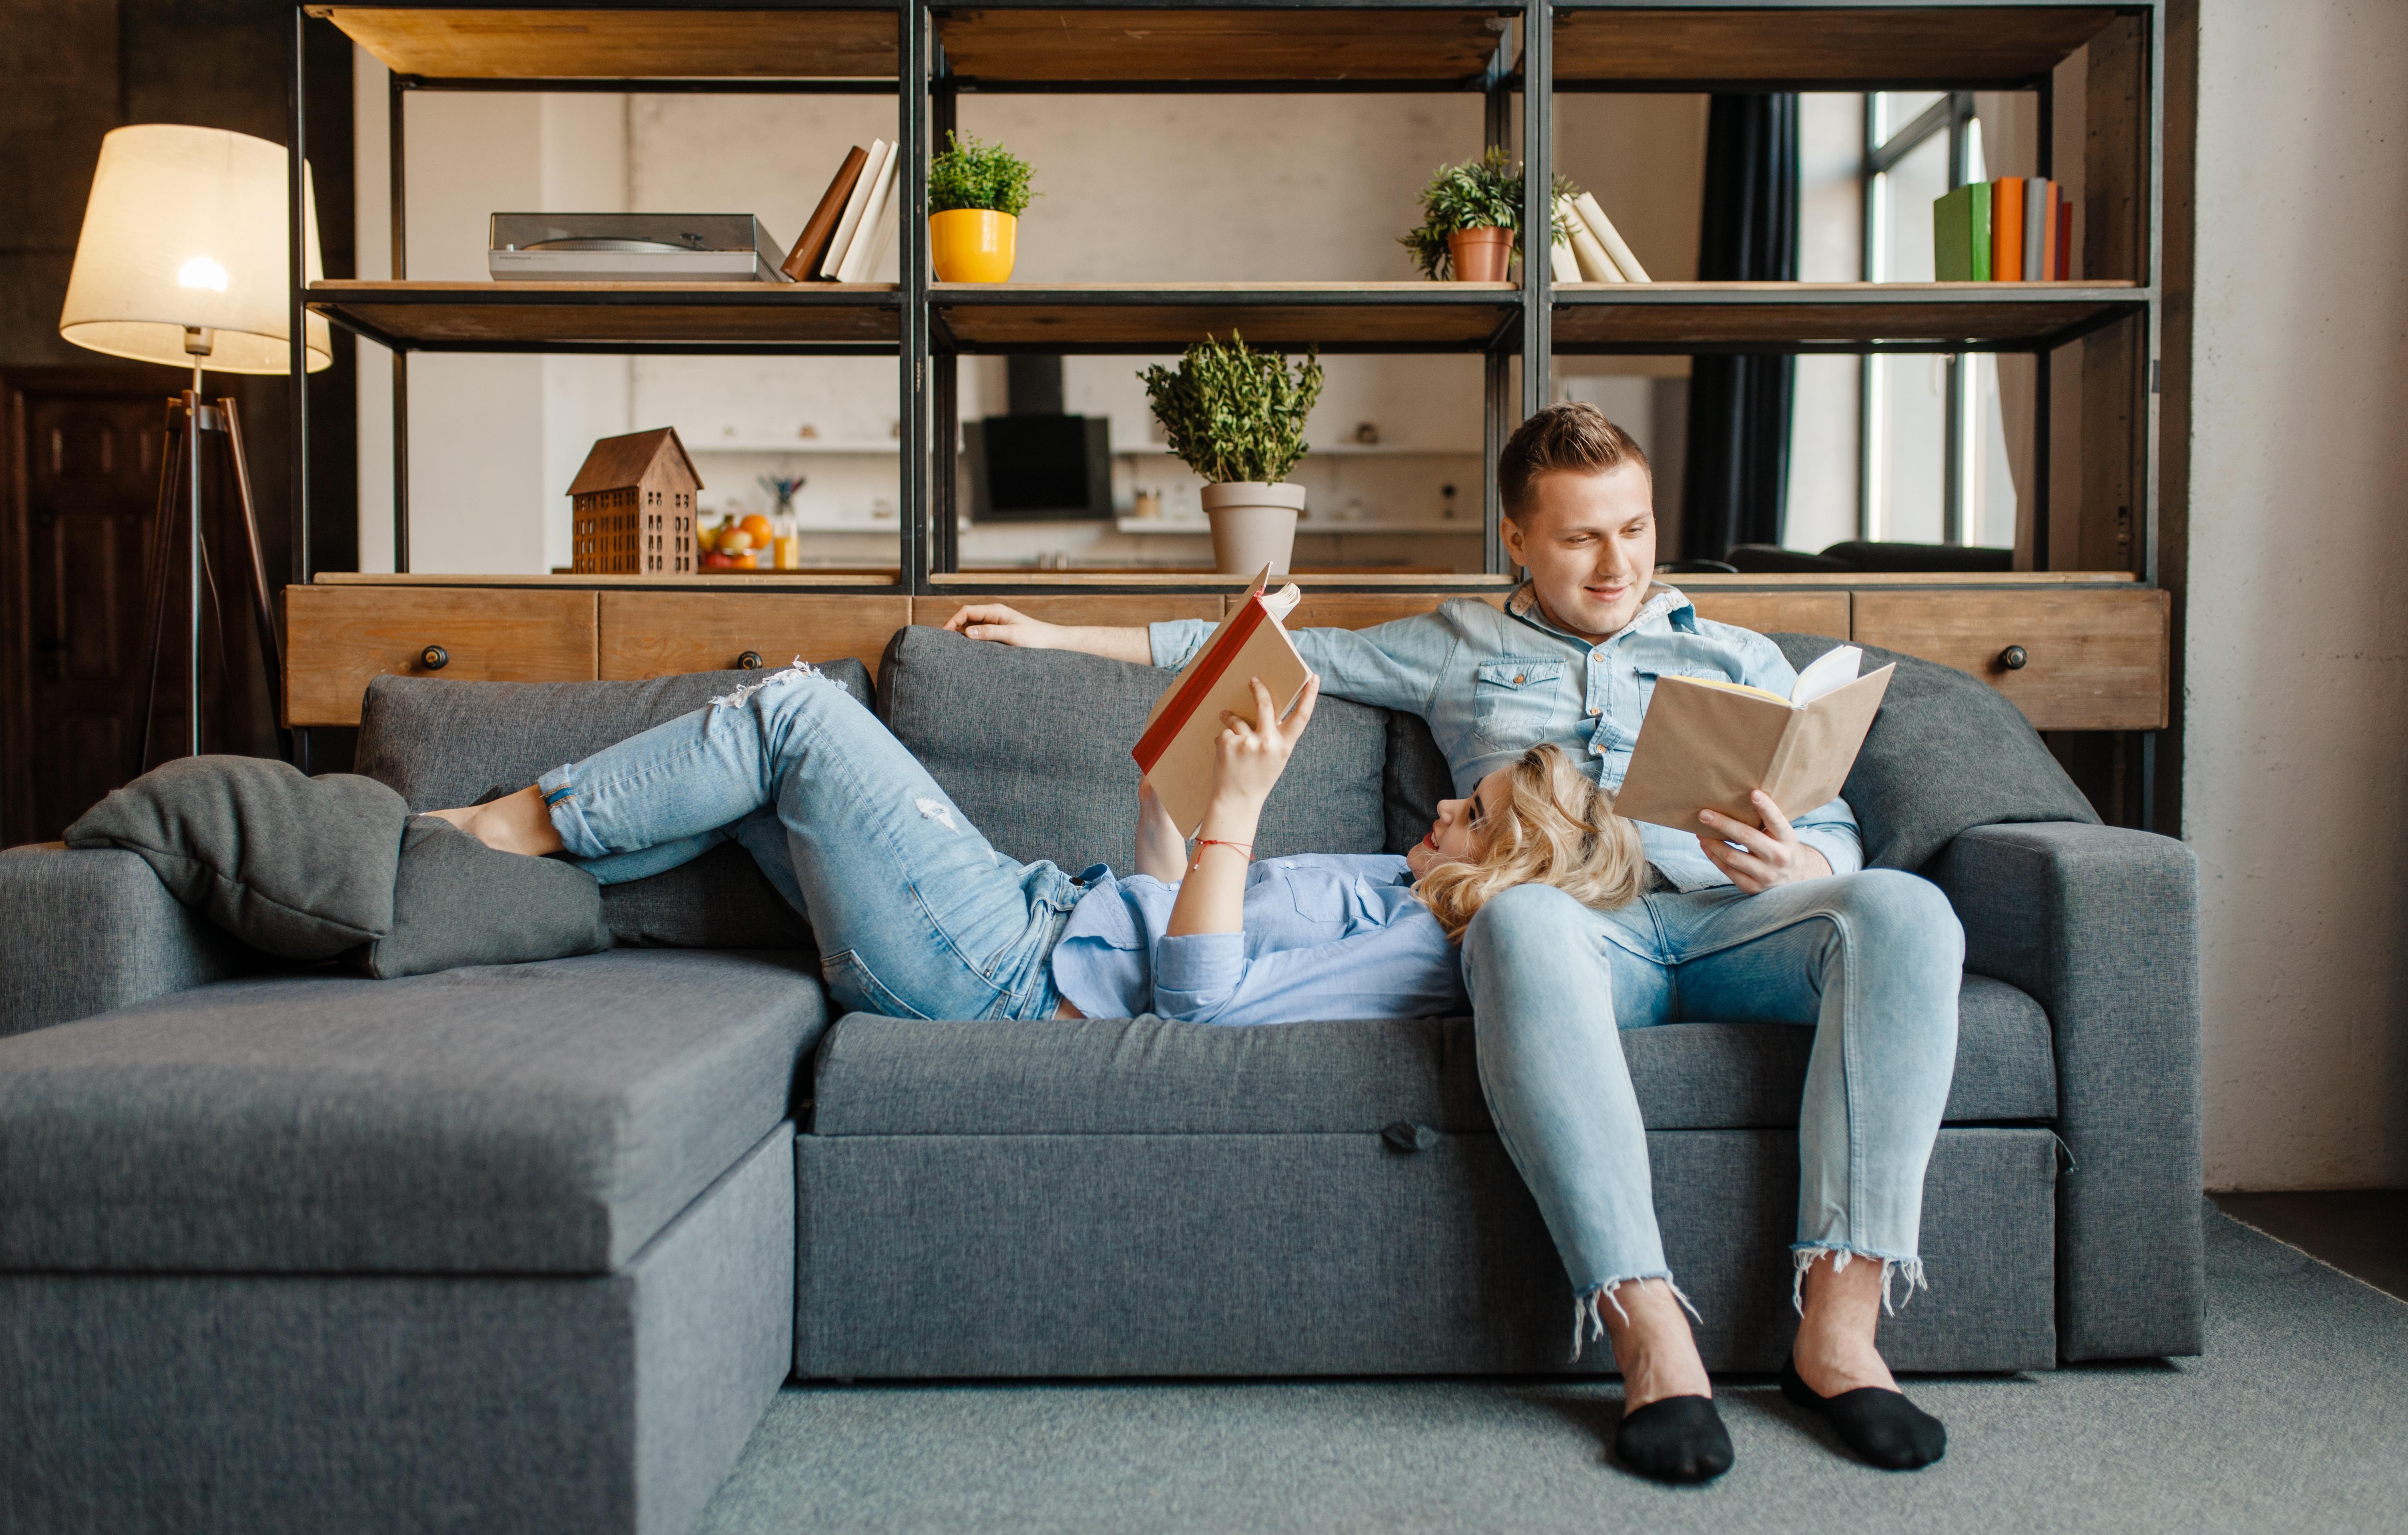 Qué debemos tener en cuenta a la hora de comprar un sofá